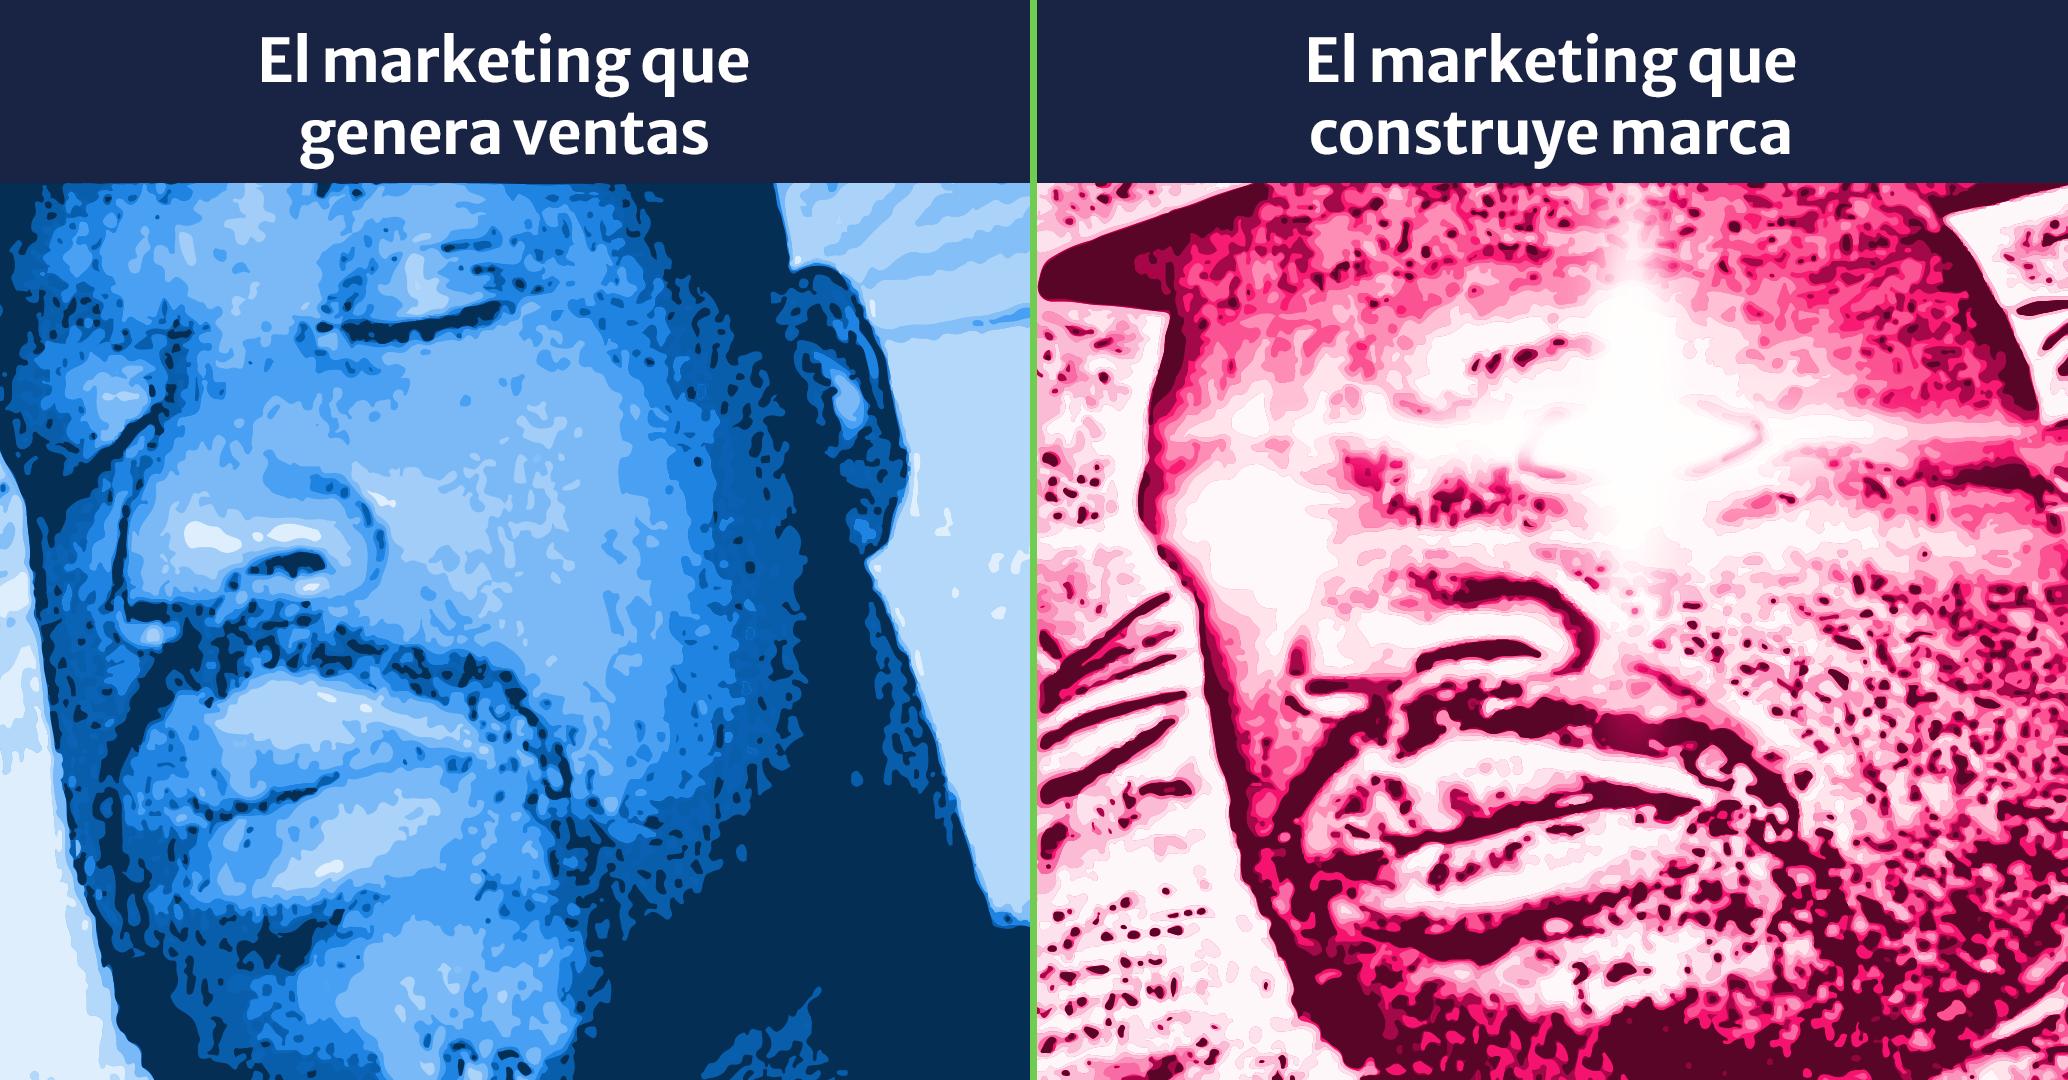 Campañas de Marketing, persuasión más allá de lo comercial